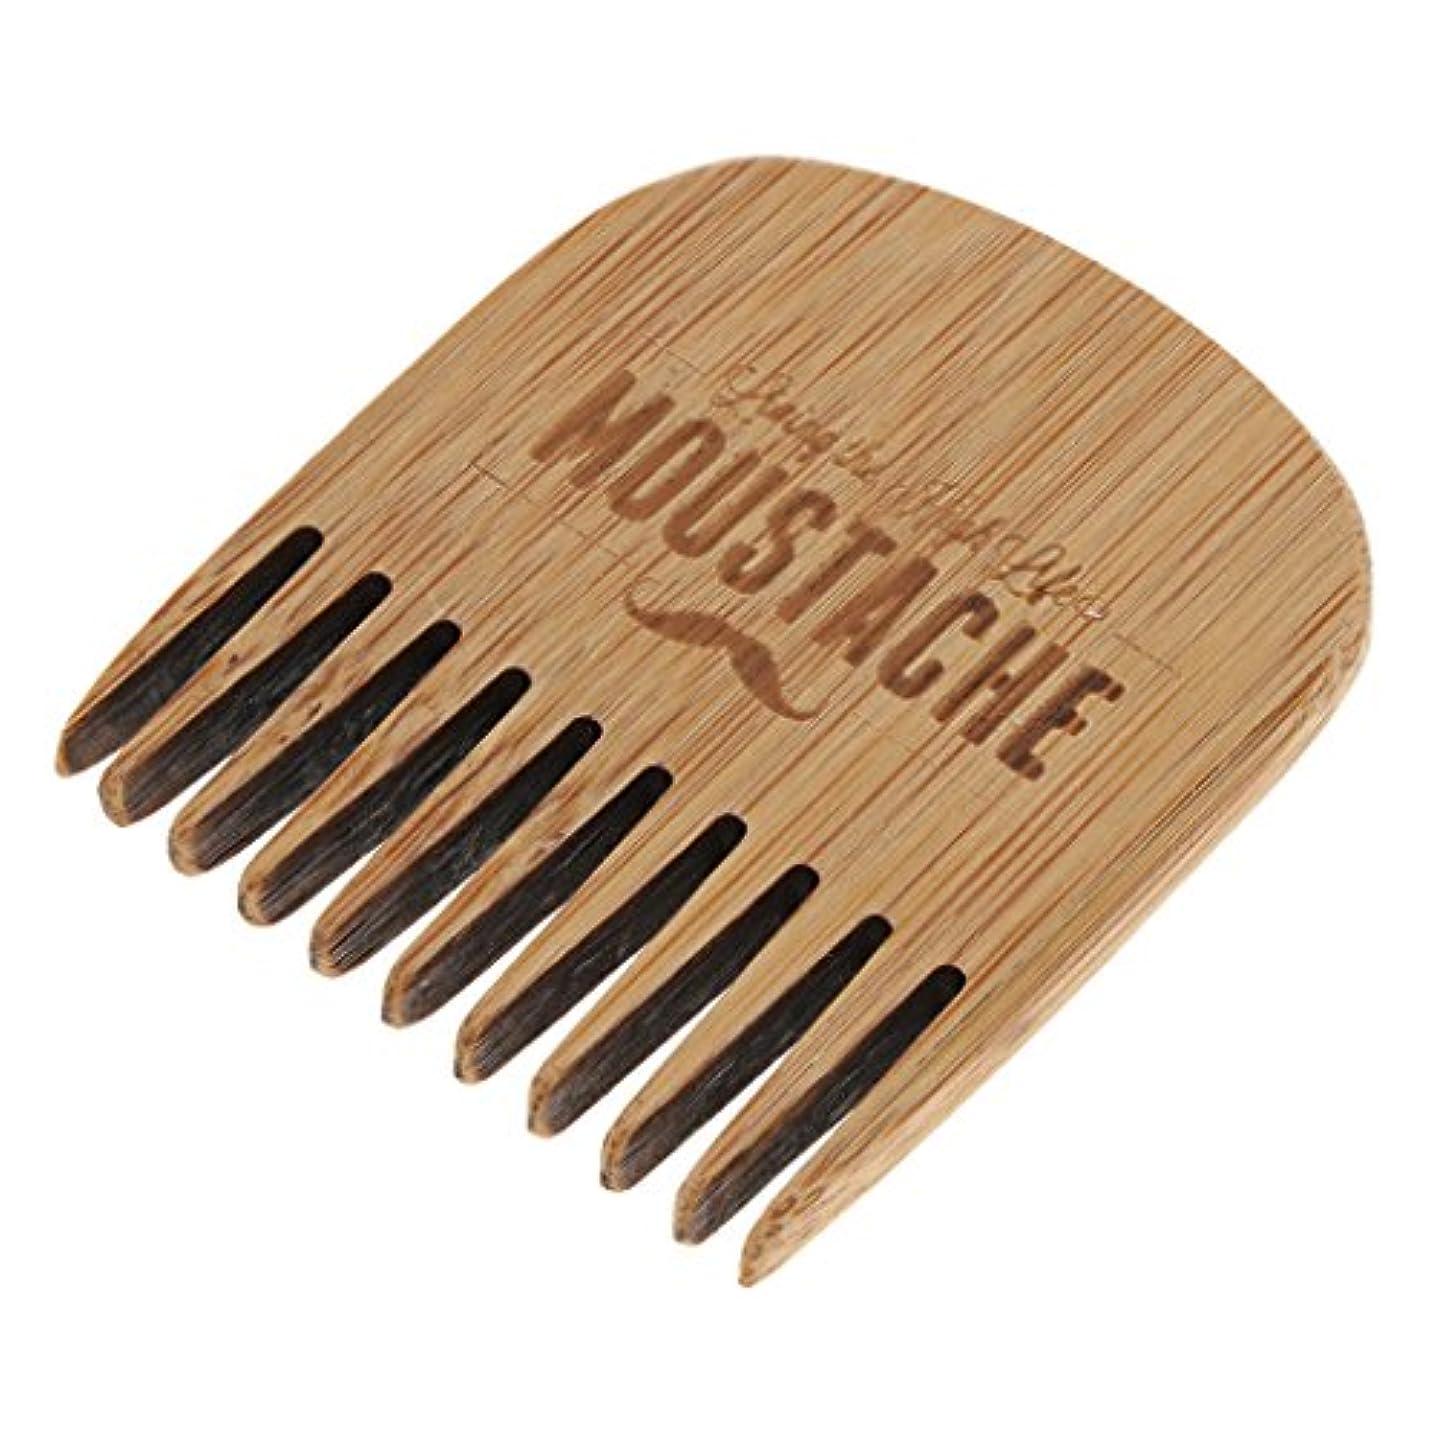 ピアノを弾く個人的に面白いヘアコーム ヘアダイコーム ヘアブラシ 木製櫛 木製コーム 持ち運び 便利 旅行用品